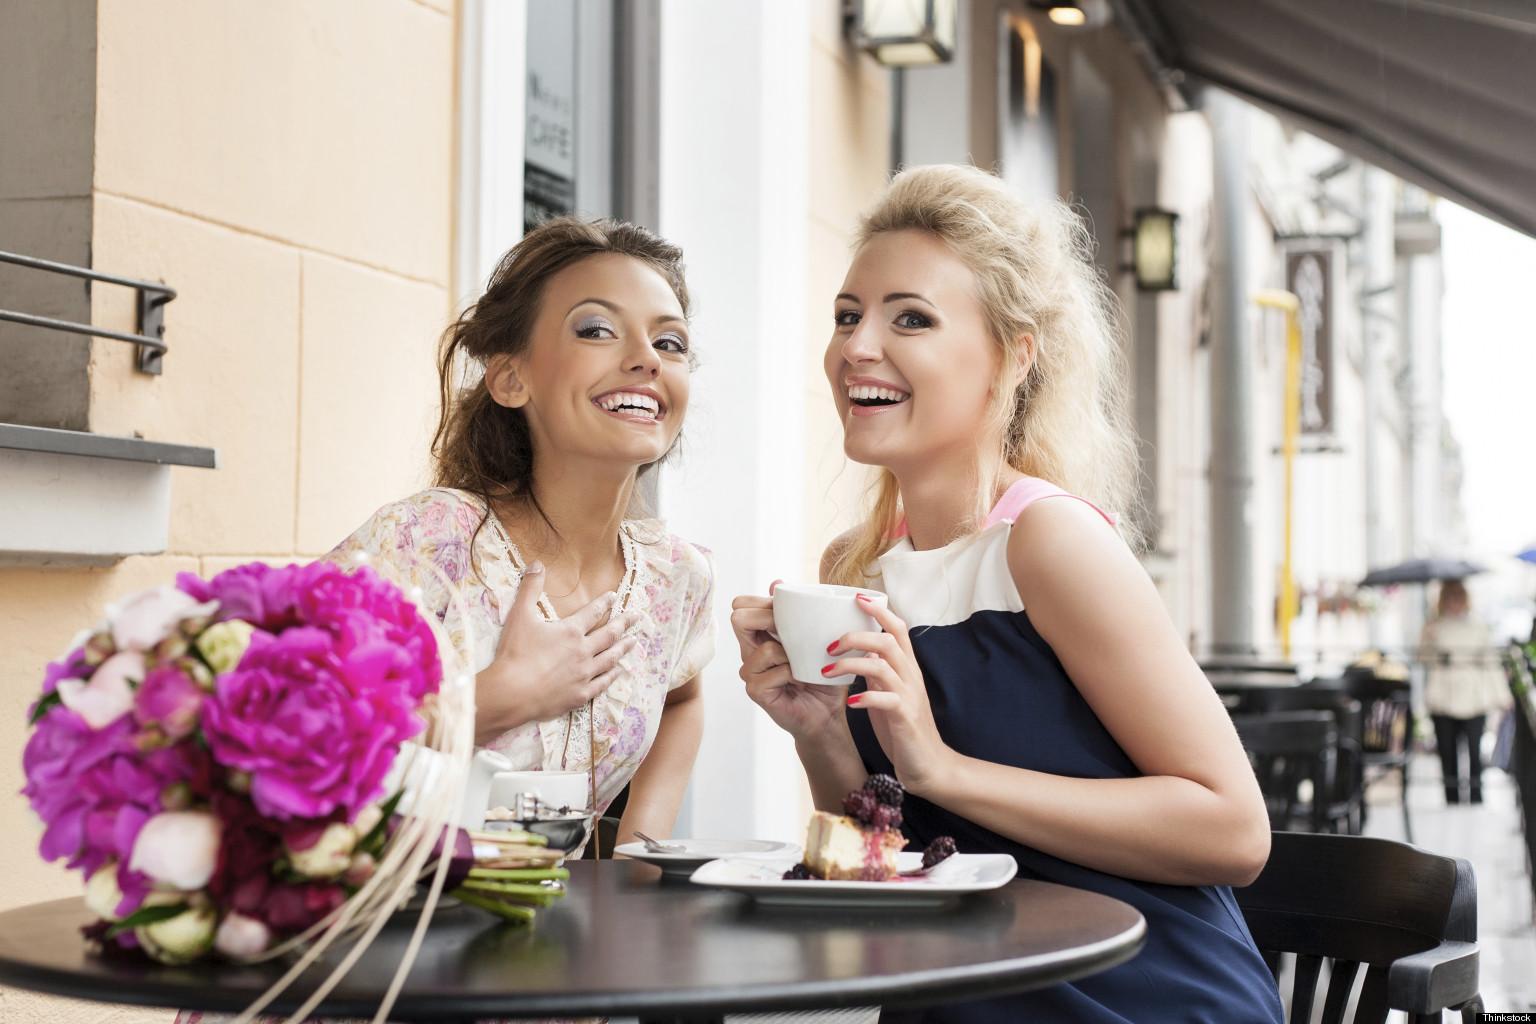 Фото жен в кафе 2 фотография